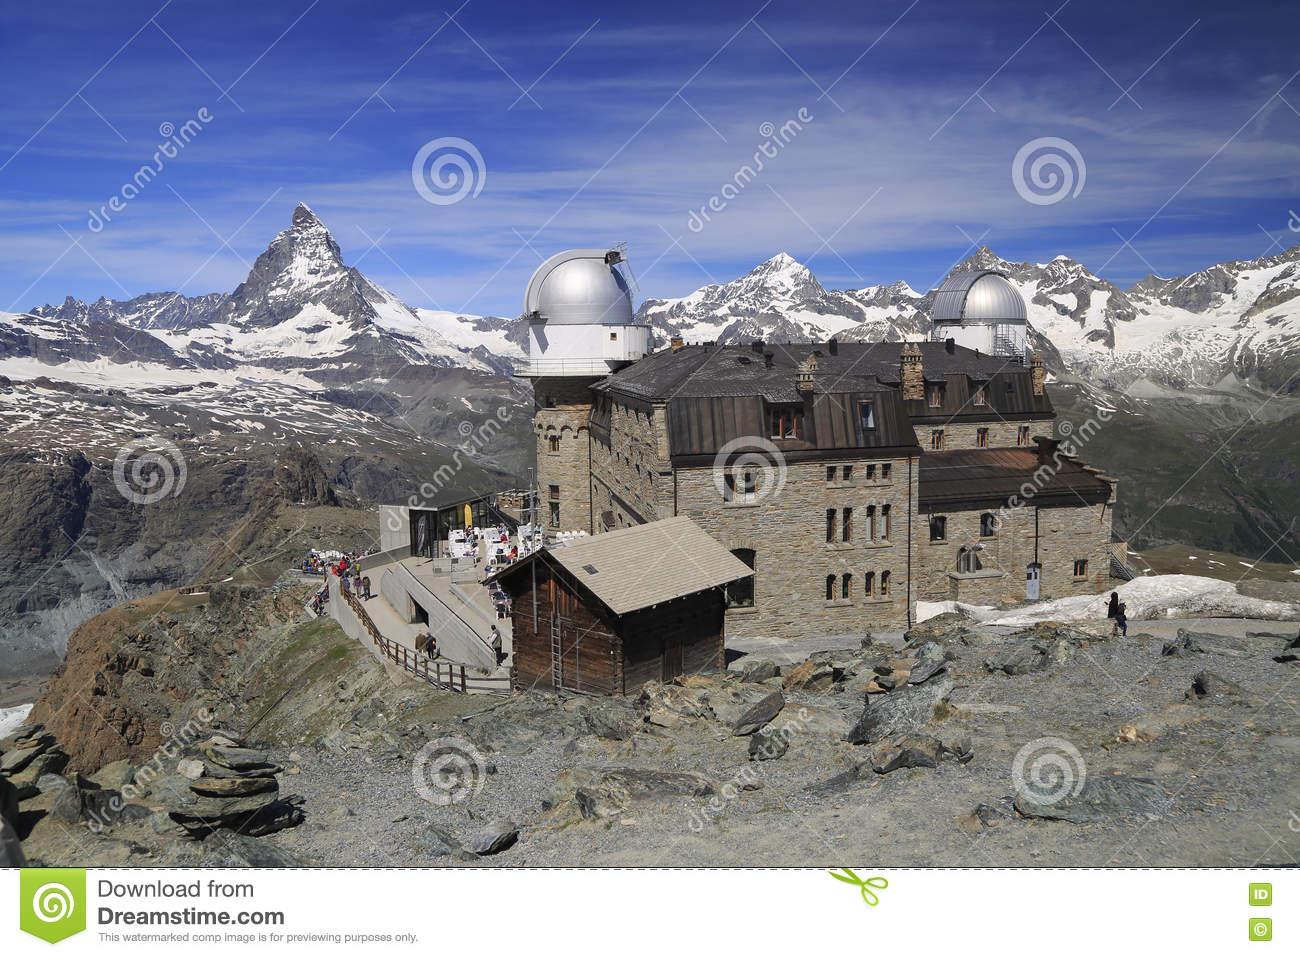 Matterhorn Peak From Gornergrat Mountain, Switzerland Stock Photo.